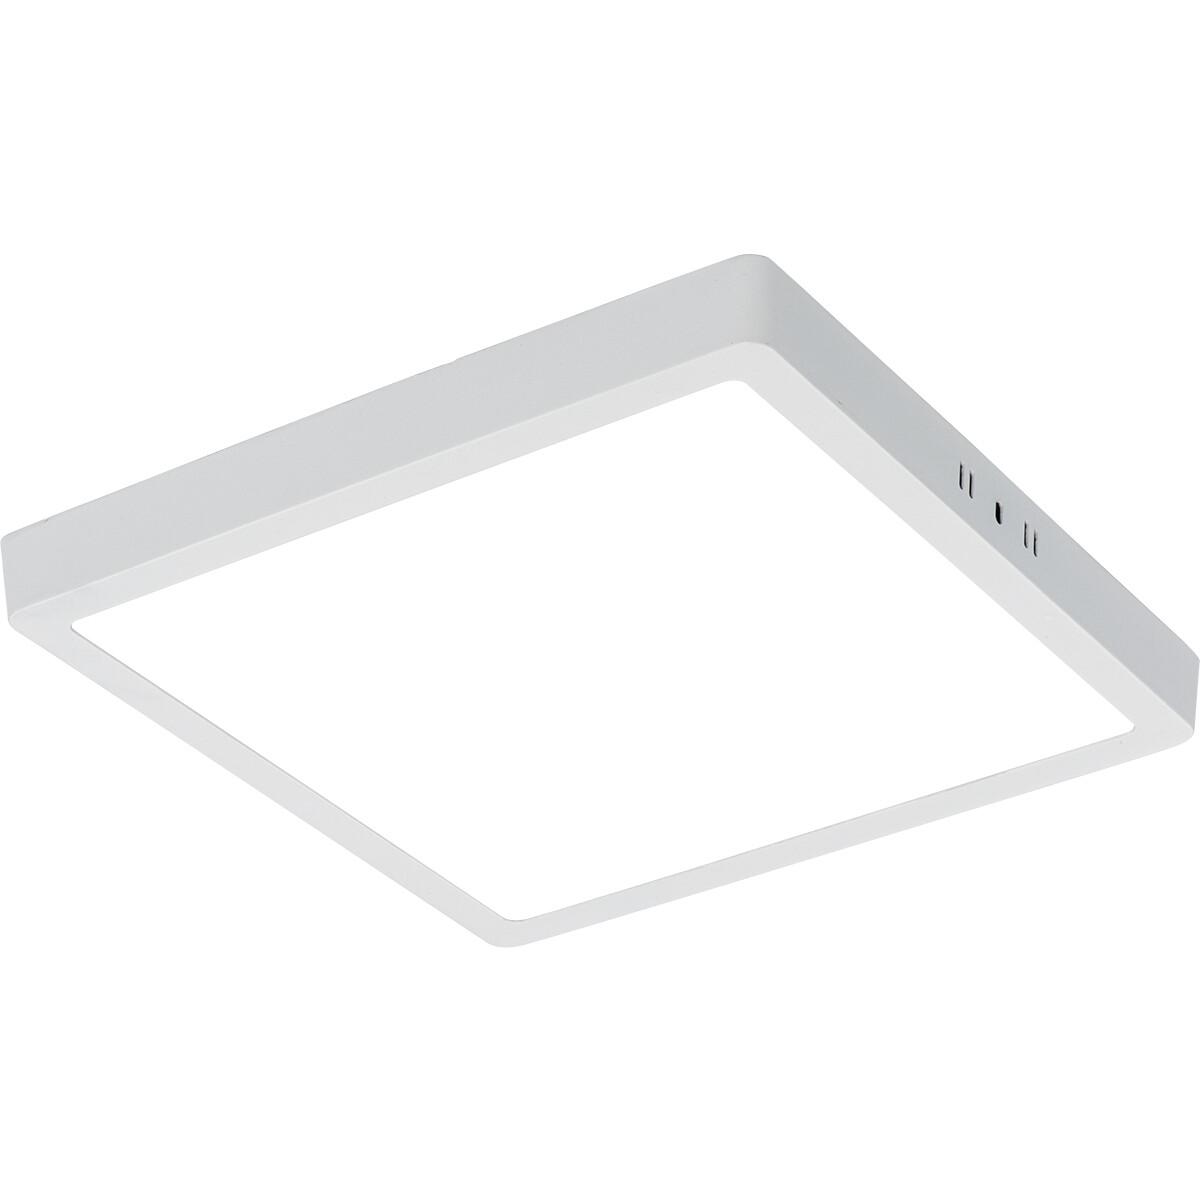 LED Paneel - 30x30 Helder/Koud Wit 6400K - 28W Opbouw Vierkant - Mat Wit - Flikkervrij